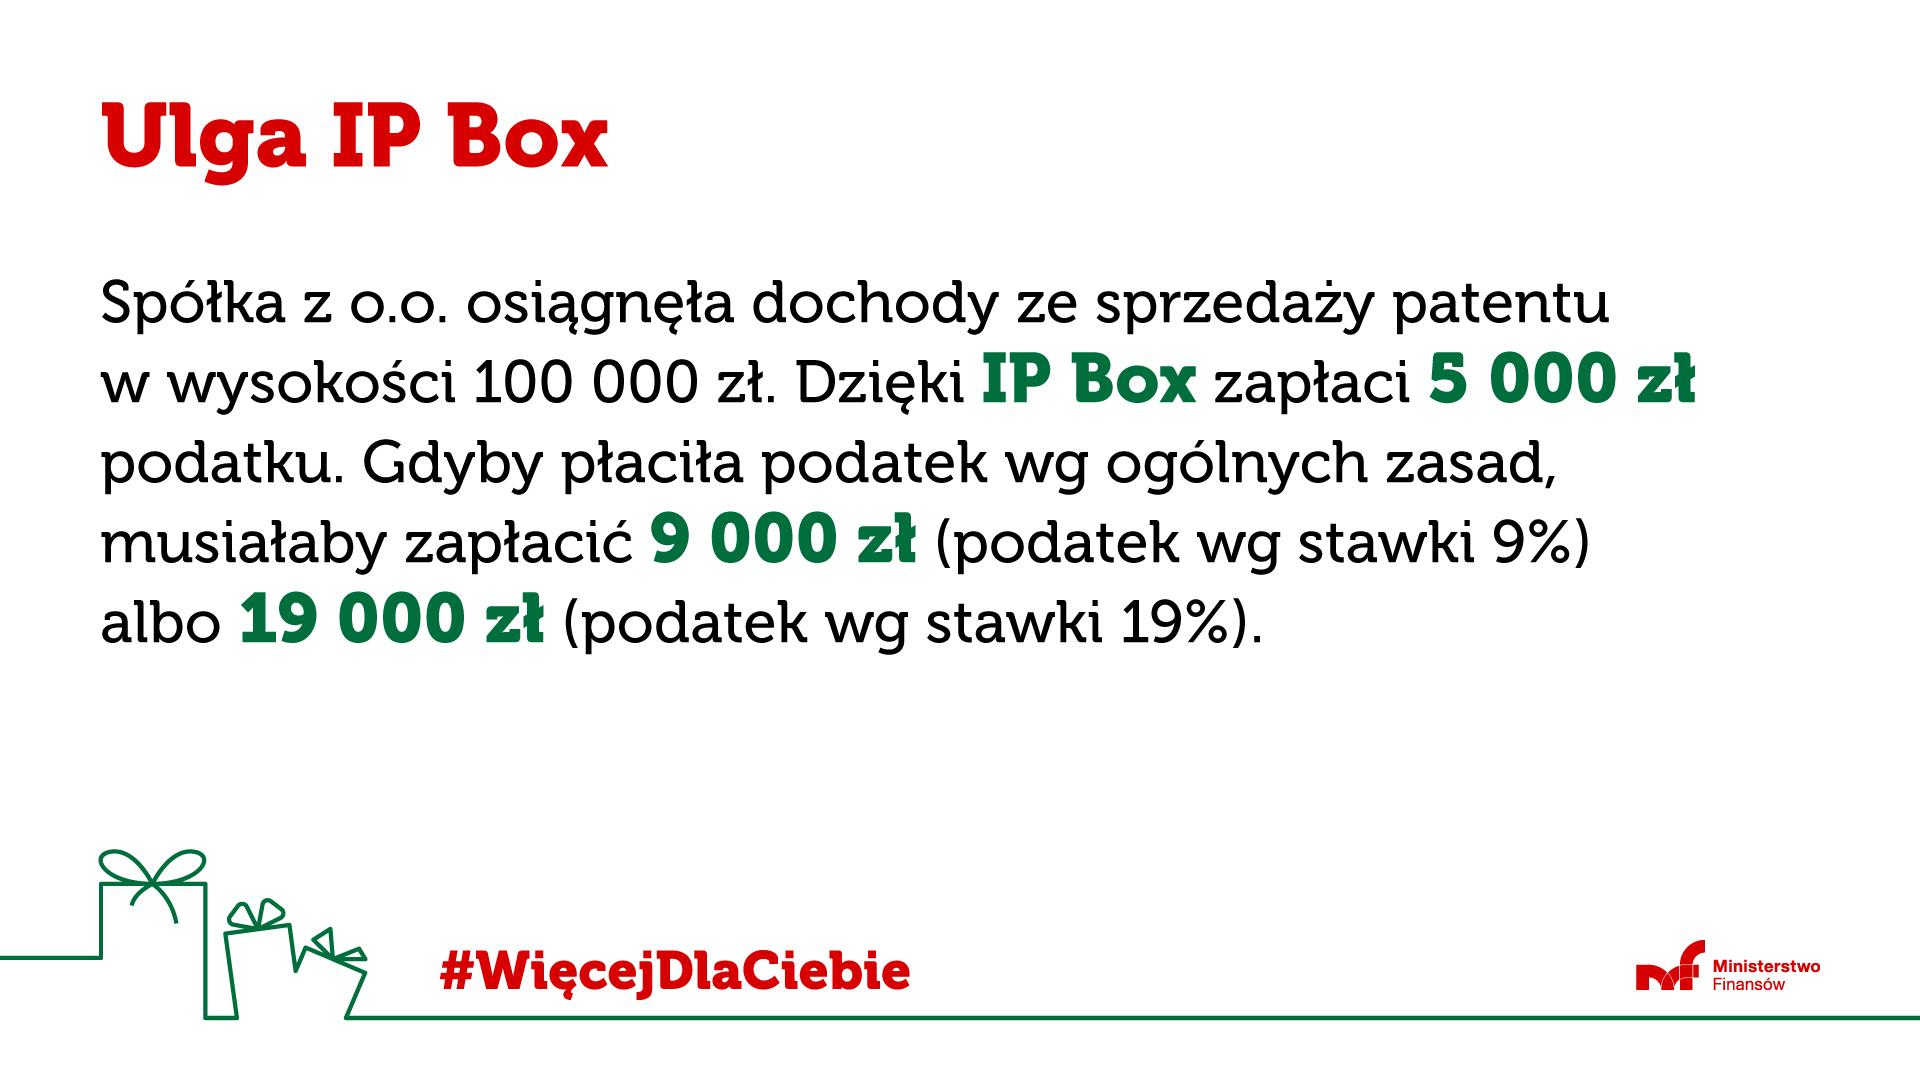 Napis Ulga IP Box oraz tekst Spółka z o. o. osiągnęła dochody ze sprzedaży patentu w wysokości 100 000 zł. Dzieki IP Box zapłaci 5 000 zł podatku. Gdyby płaciła podatek wg ogólnych zasad, musiałaby zapłacić 9 000 zł (podatek wg stawki 9 procent) albo 19 000 zł (podatek wg stawki 19 procent). Na dole pudełka z kokardkami i hasztag WięcejDlaCiebie logo Ministerstwo Finansów.